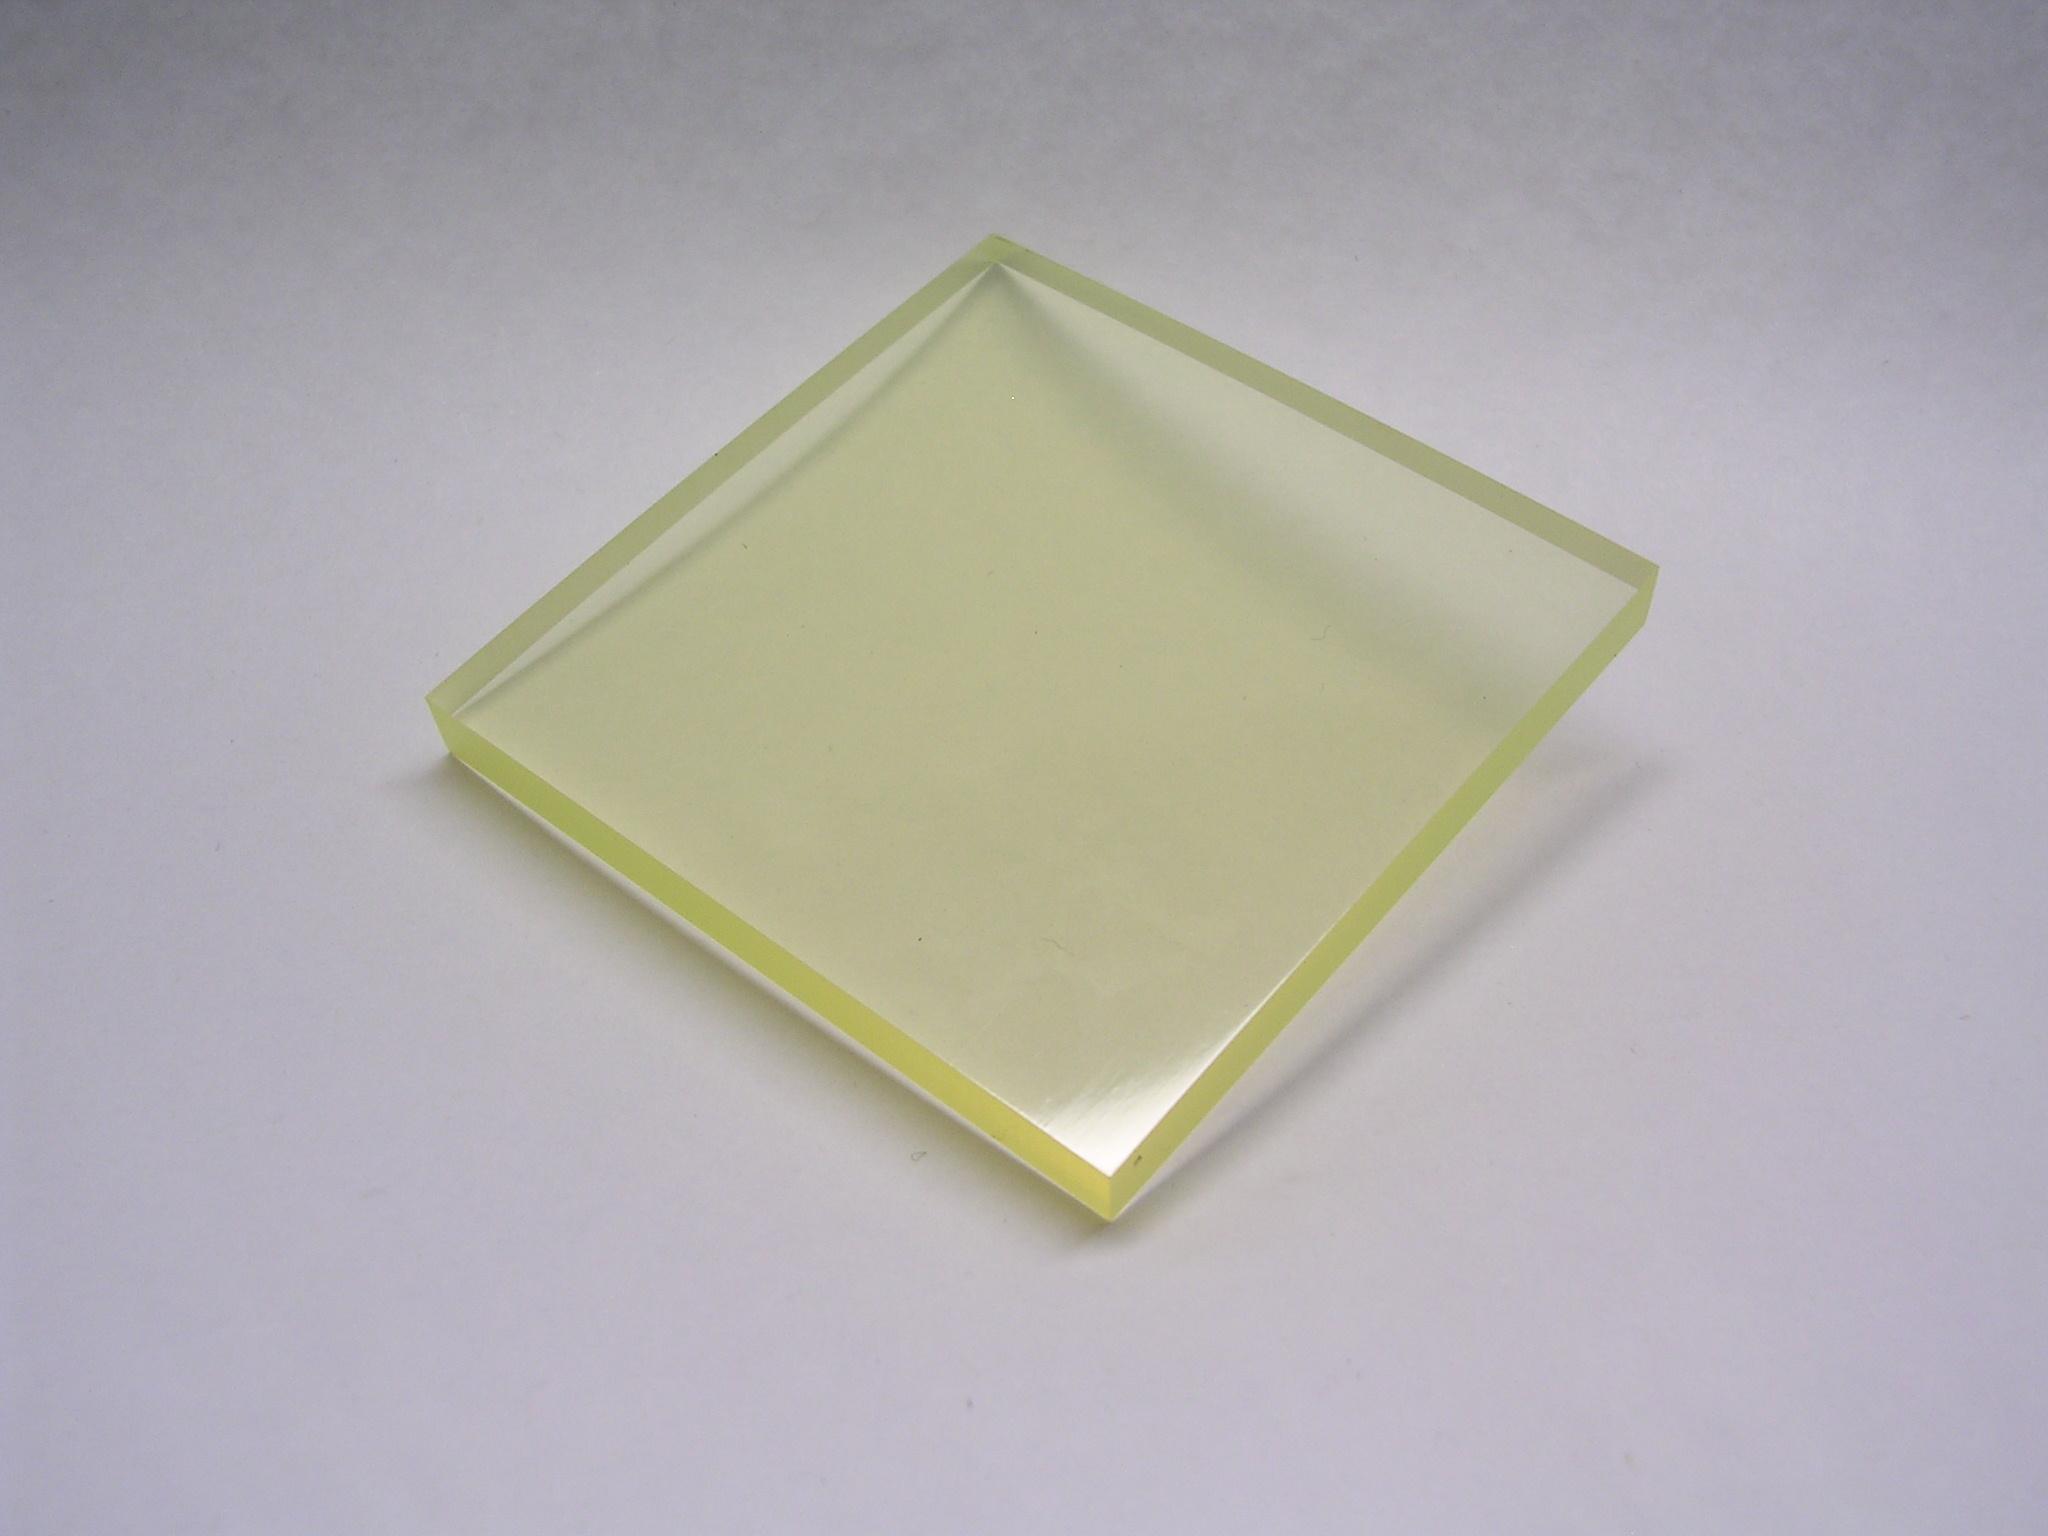 タイガースポリマー ウレタンゴム板 硬度90 UR 50mm×500mm×500mm 角板 タイプレンTR200-90 平角板